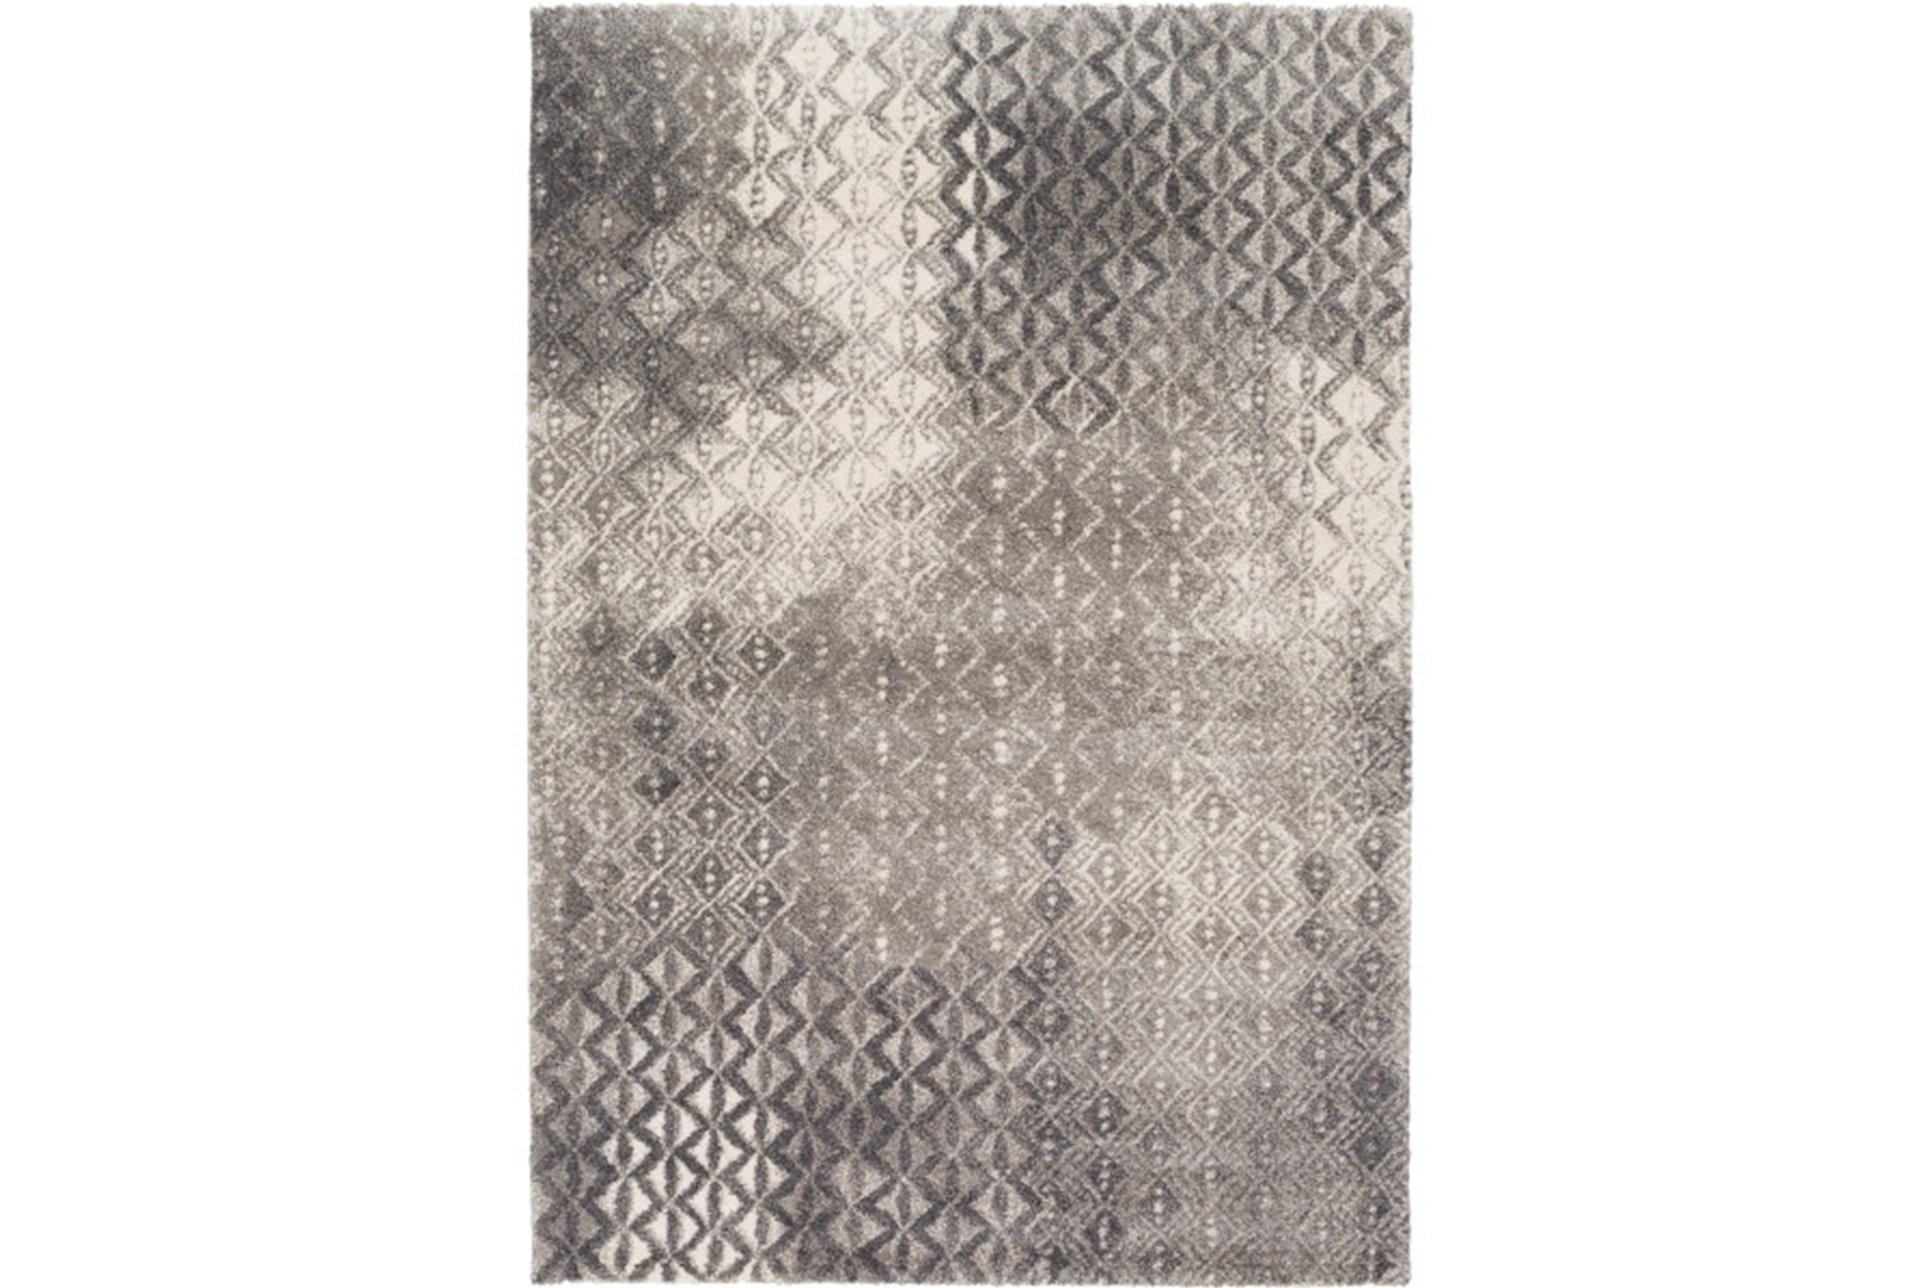 48x66 Rug Elysee Charcoal Living Spaces